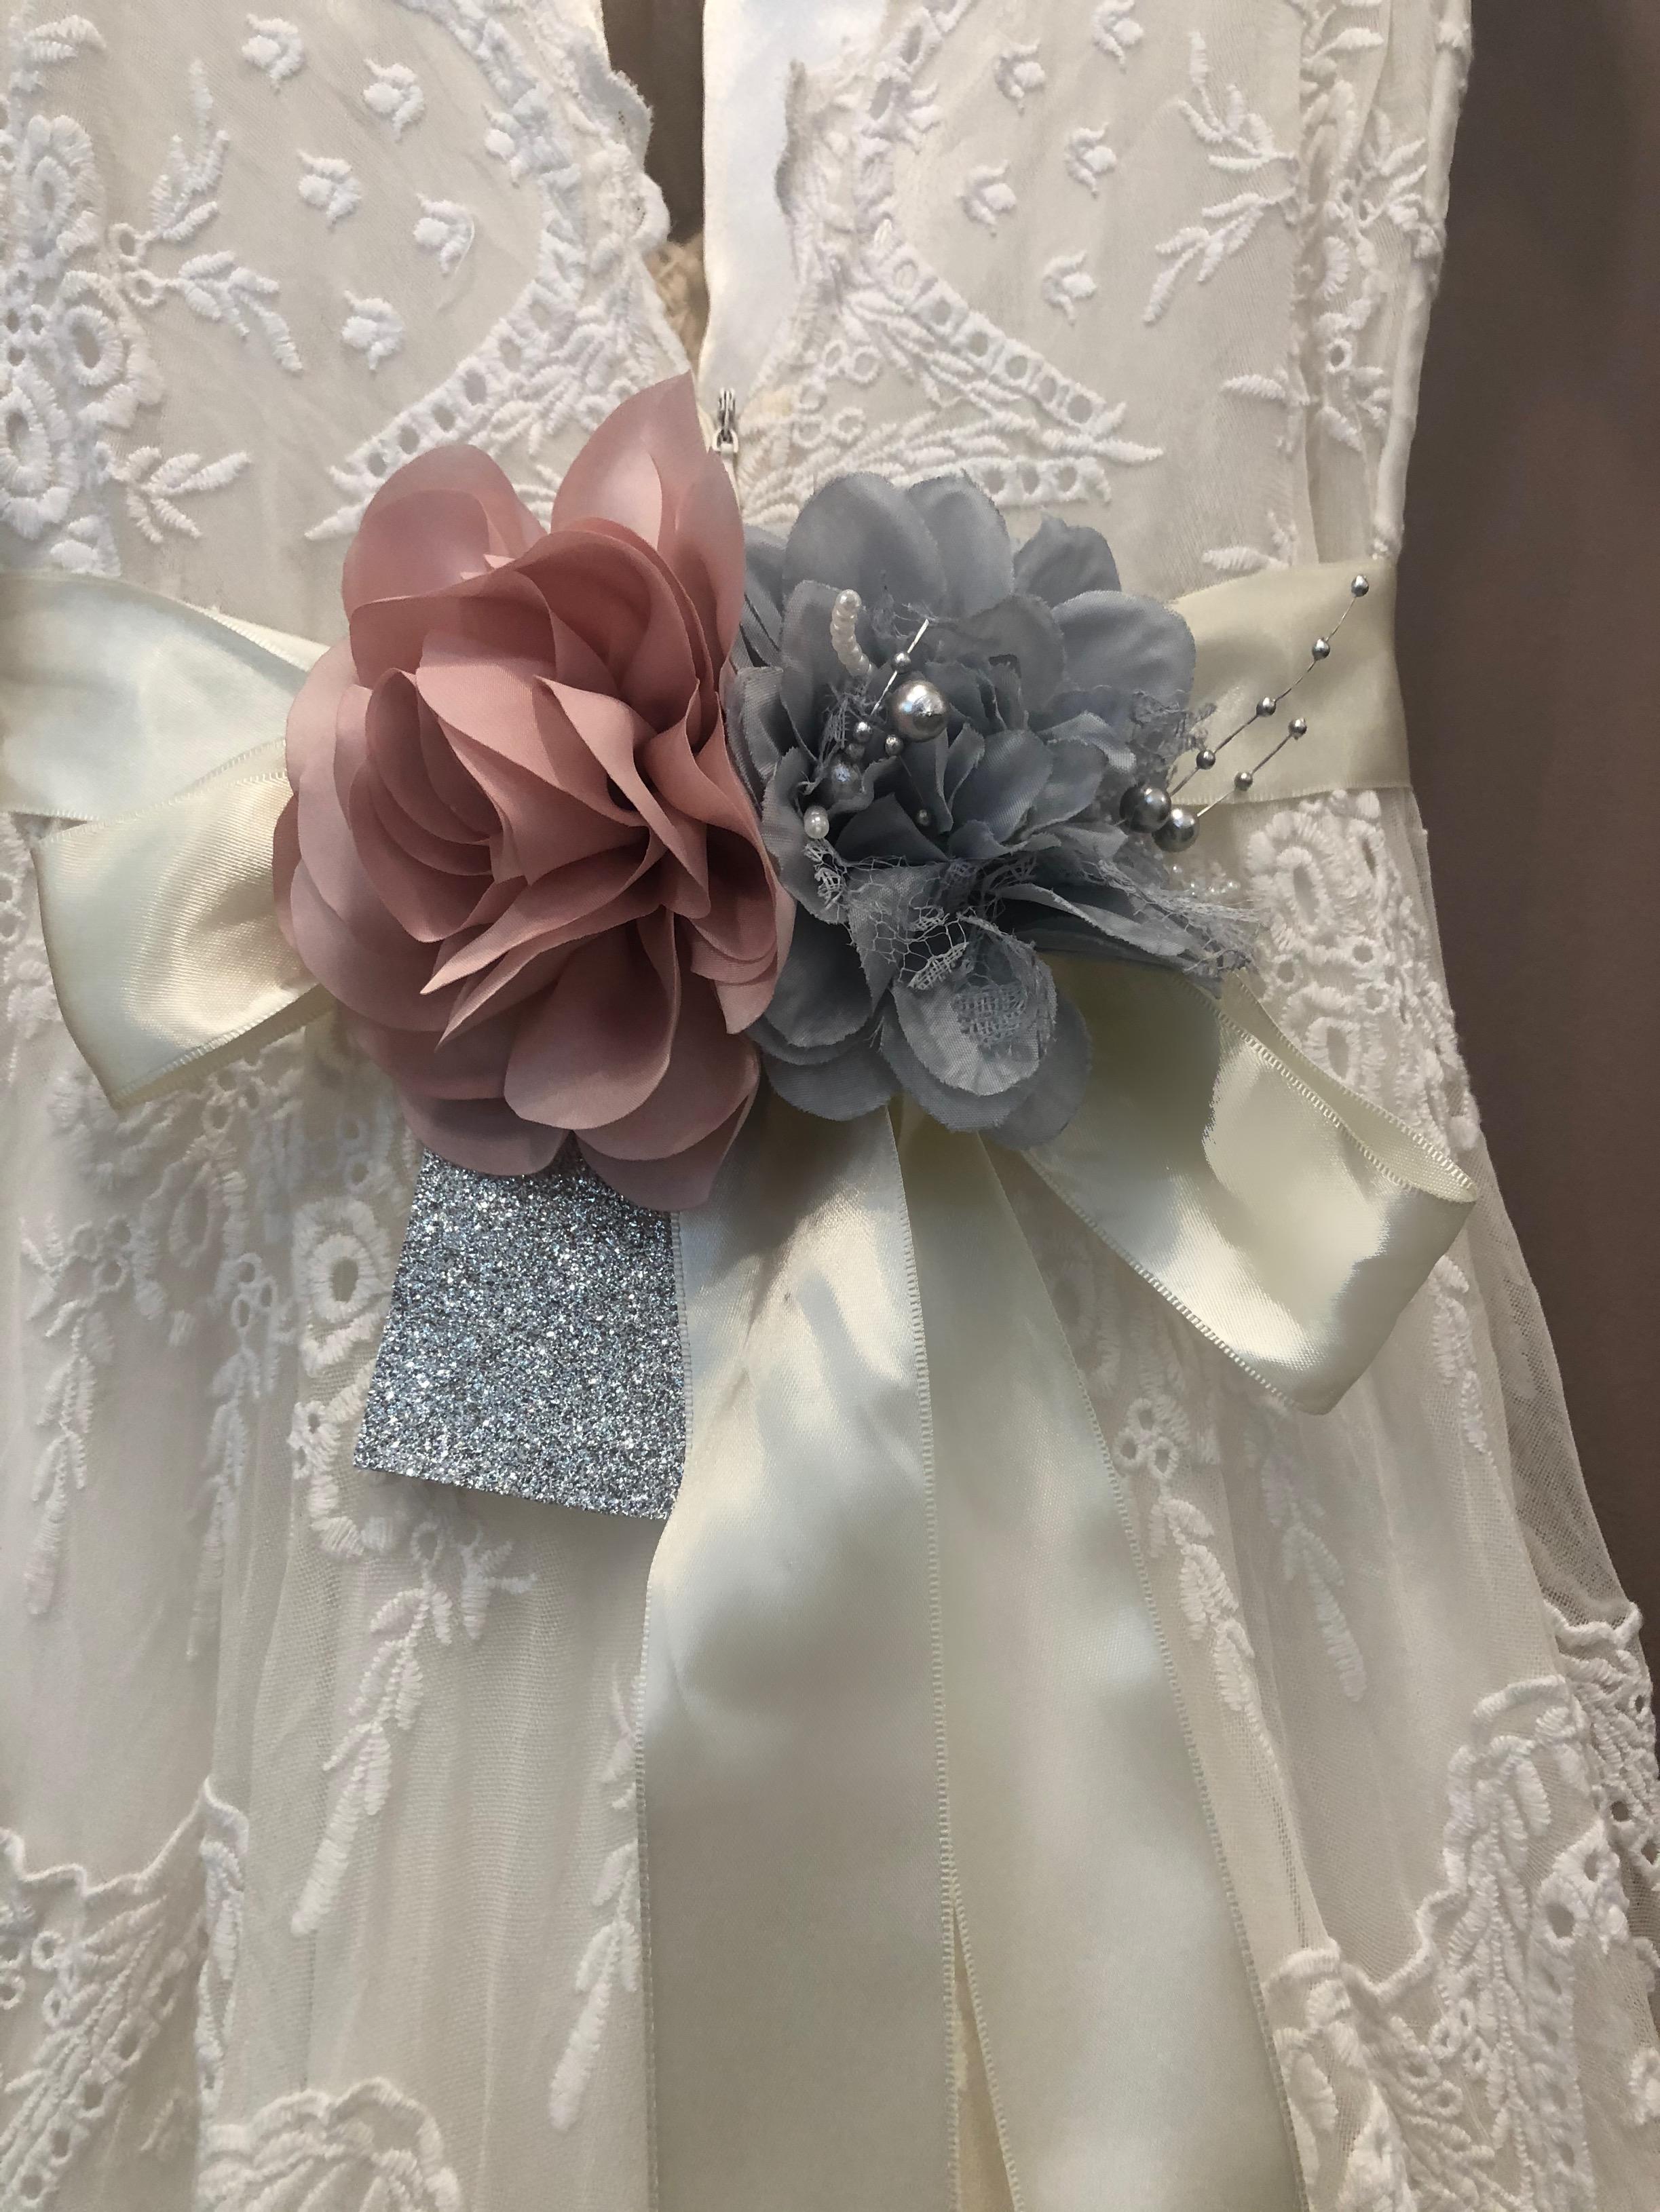 flores para cintos e detalhes